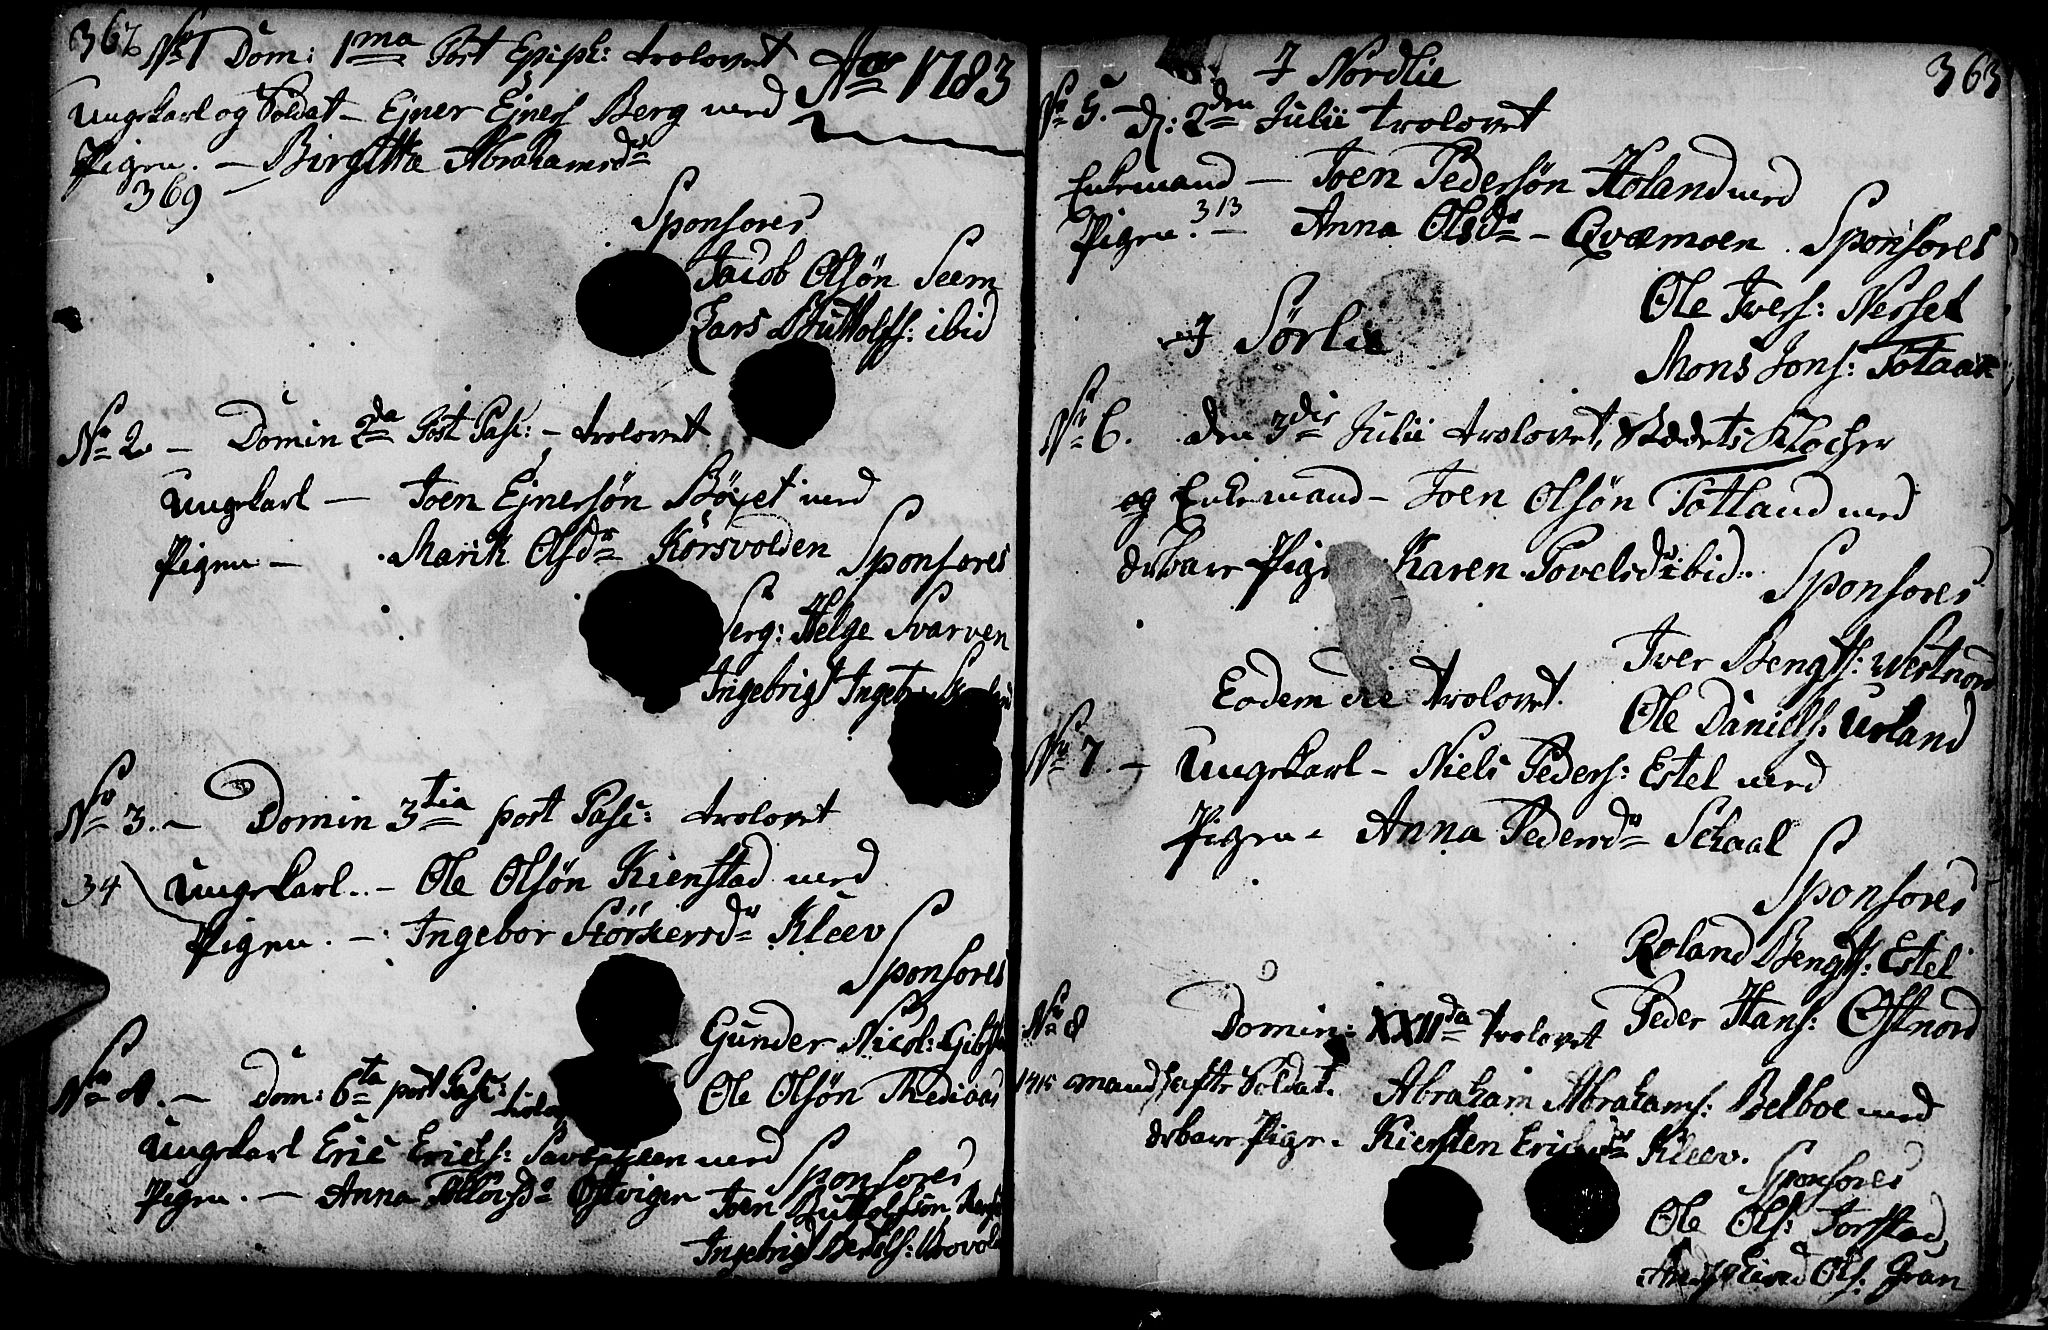 SAT, Ministerialprotokoller, klokkerbøker og fødselsregistre - Nord-Trøndelag, 749/L0467: Ministerialbok nr. 749A01, 1733-1787, s. 362-363